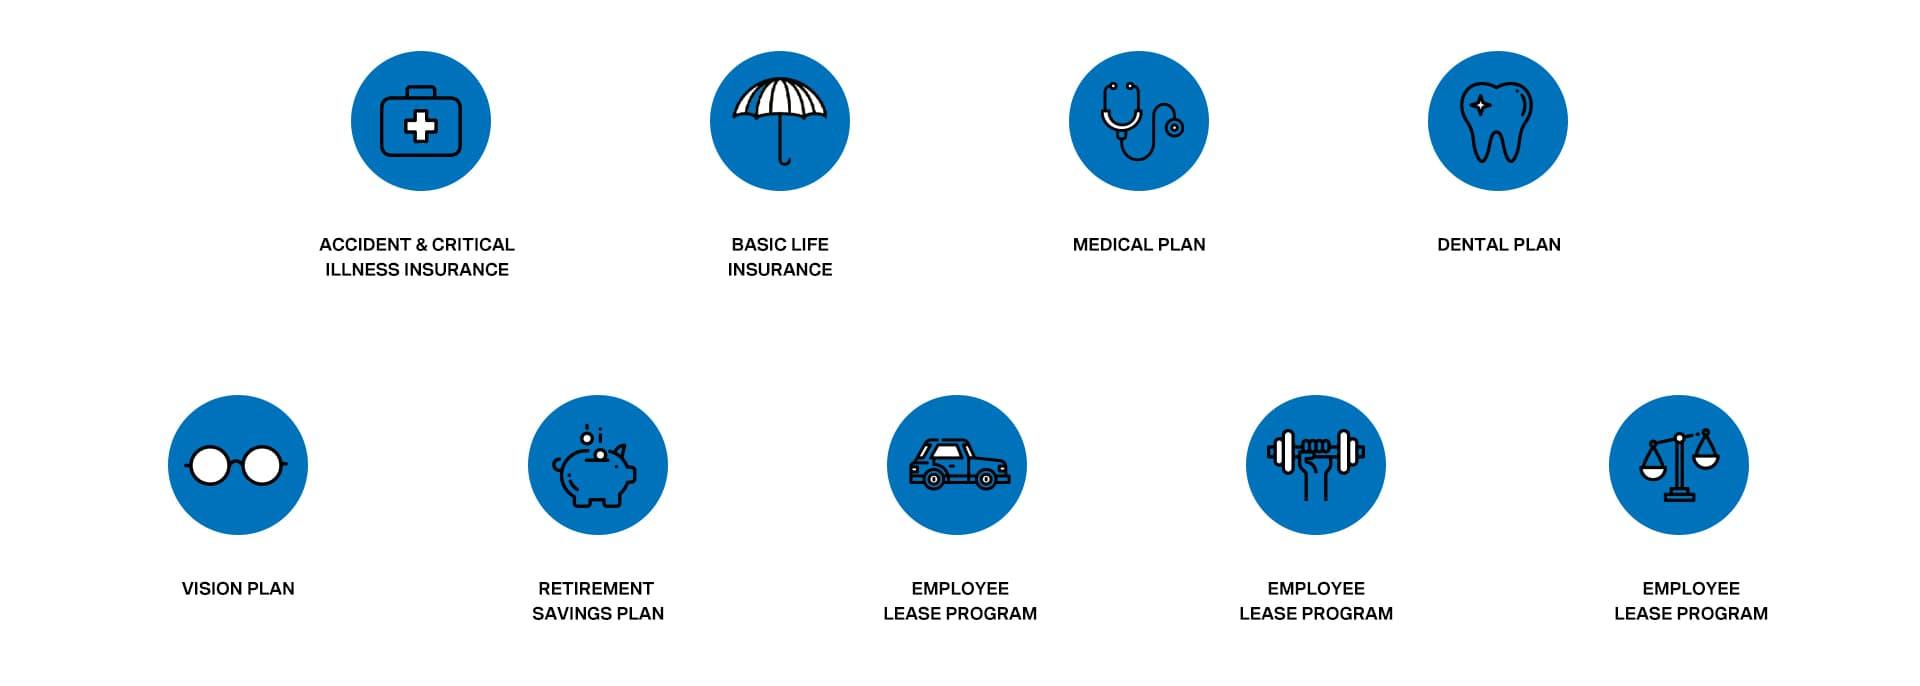 benefits-icons_02